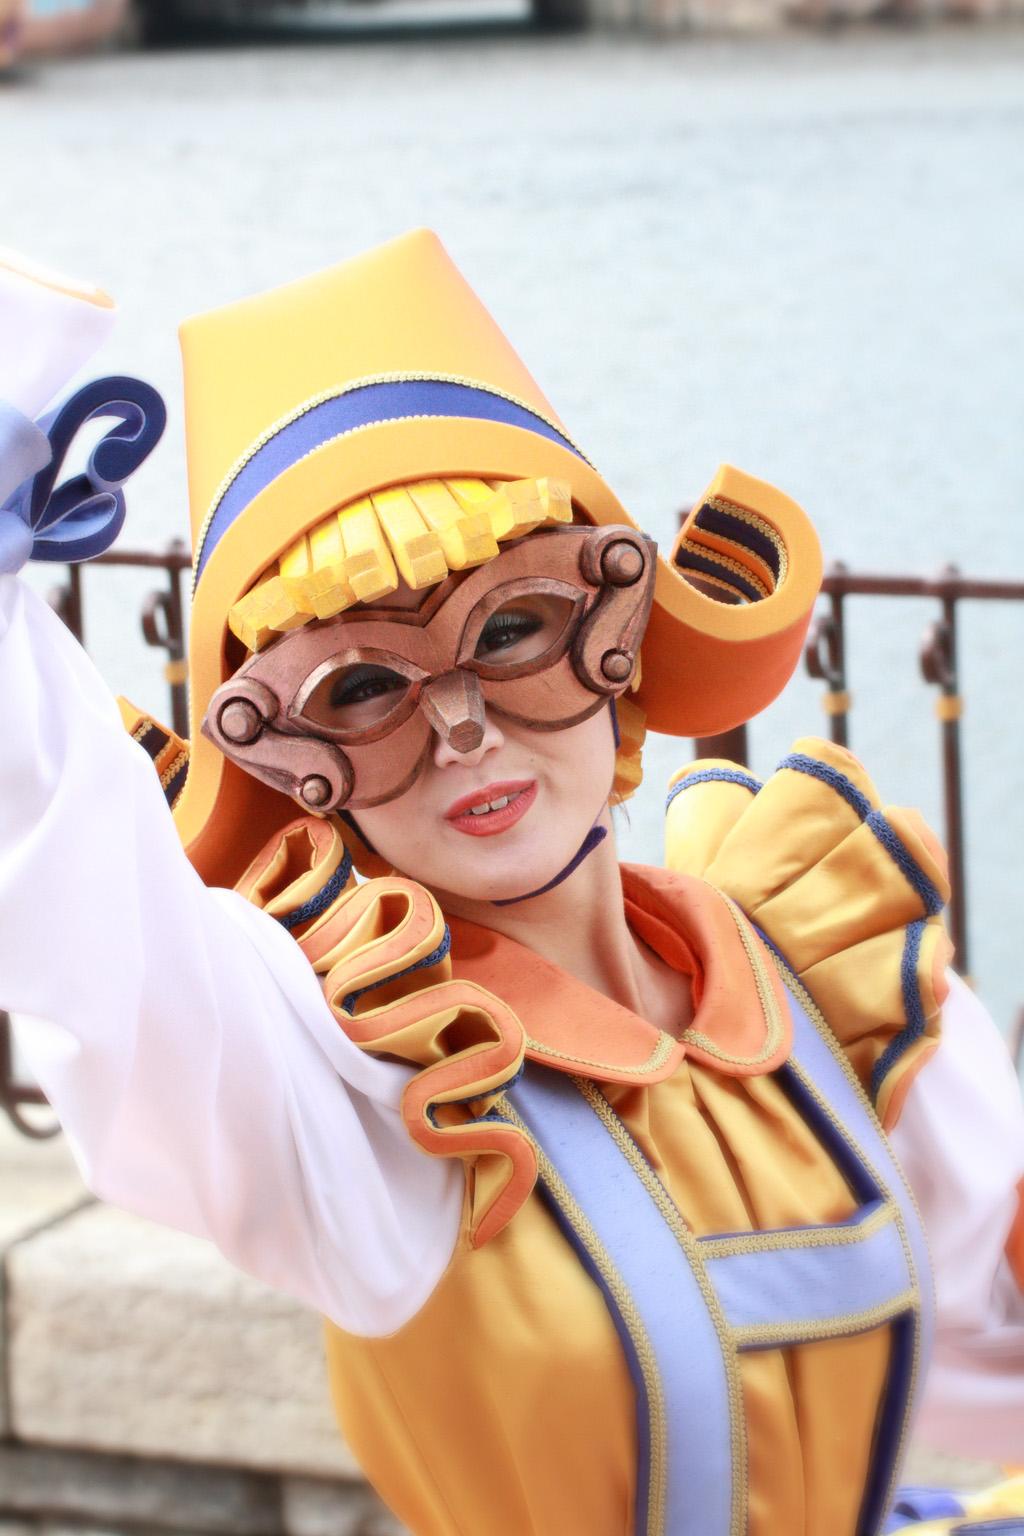 ピノキオ仮面(ハロウィーン・デイドリーム)